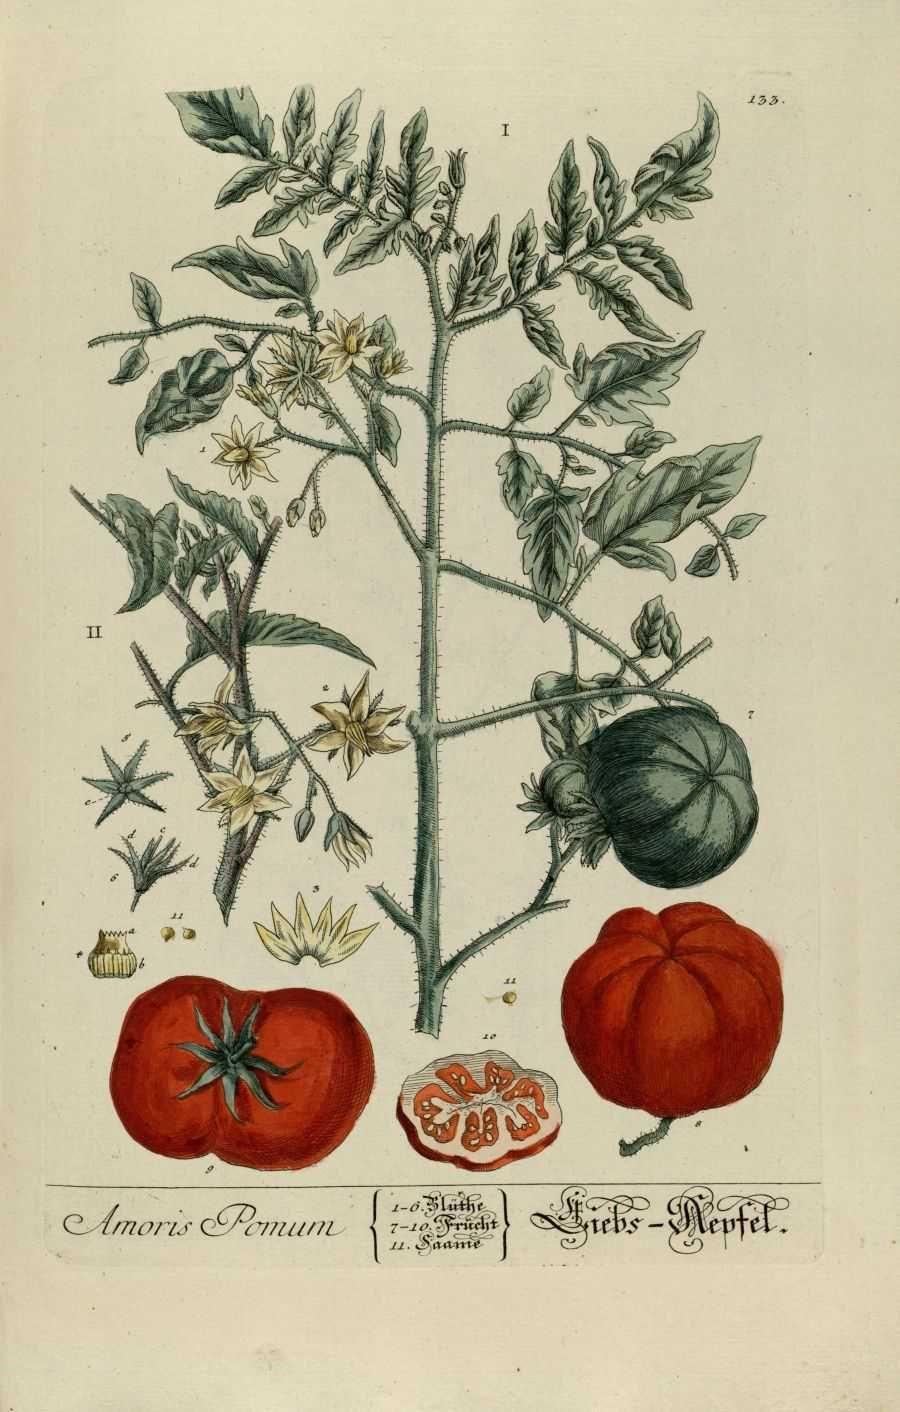 Pingl par nerika sur fleurs en 2019 dessins botaniques illustration botanique et gravures - Tomate dessin ...